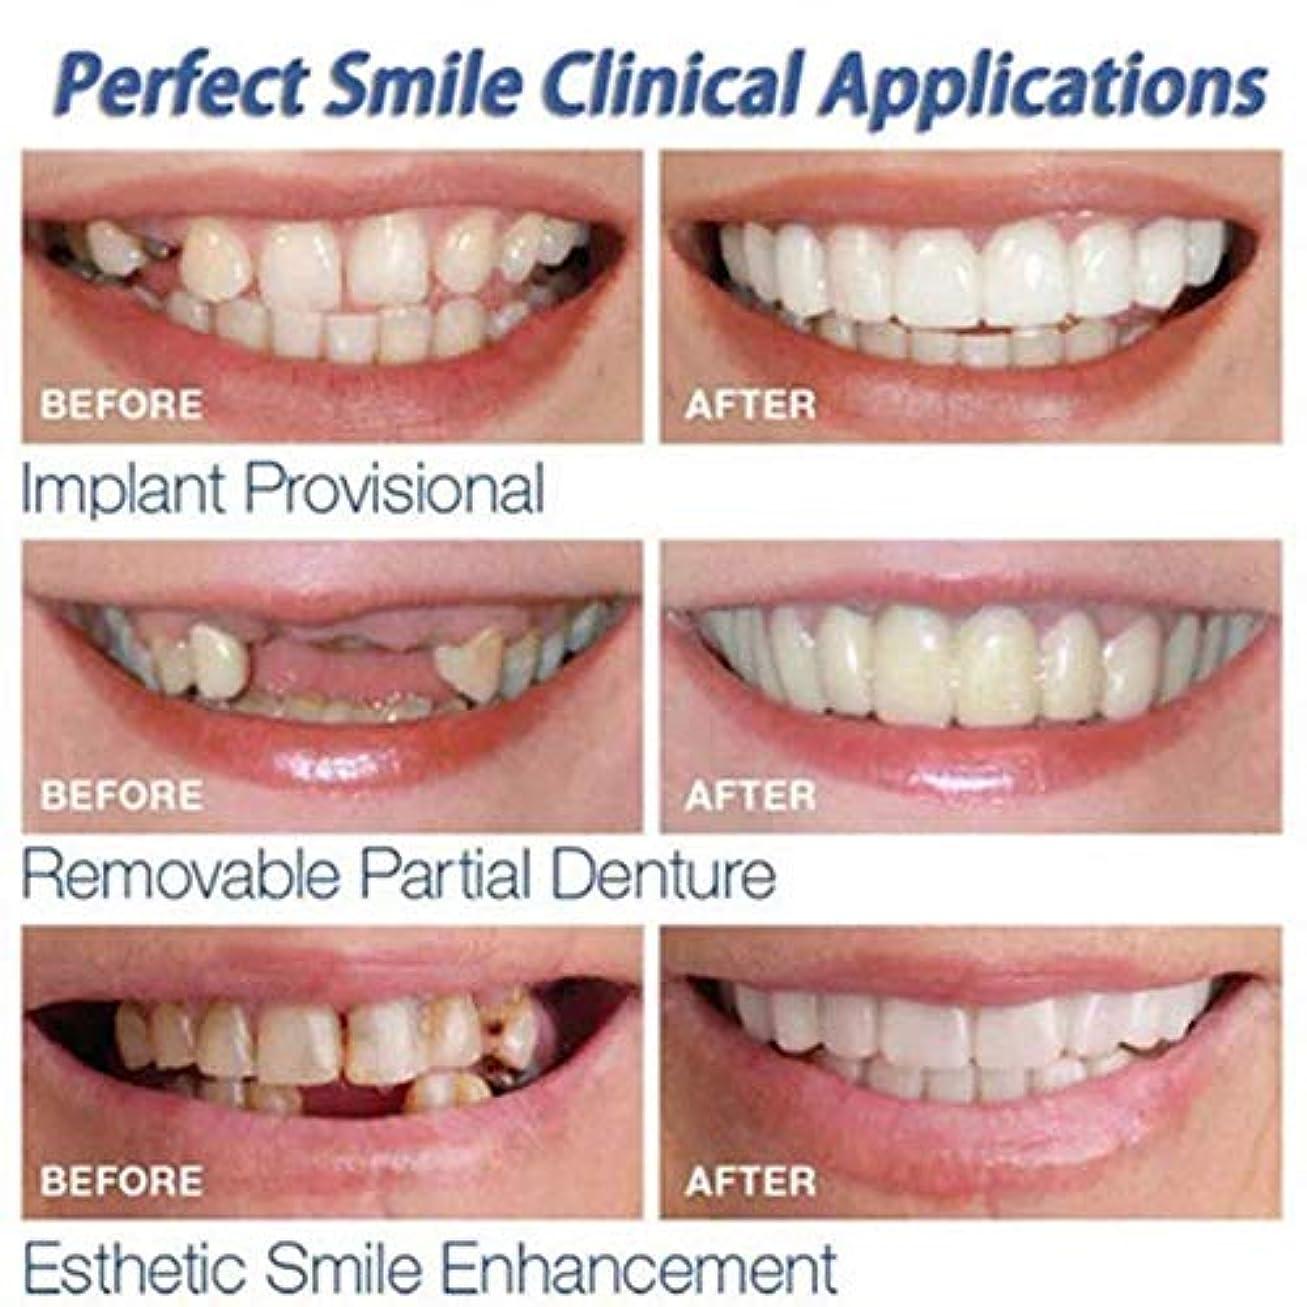 ネックレットブレーキデータベース3PCS上下歯シミュレーションブレース、第2世代シリコーン模擬歯、(プラスチックボックス、OPPバッグ付き),Opppackaging